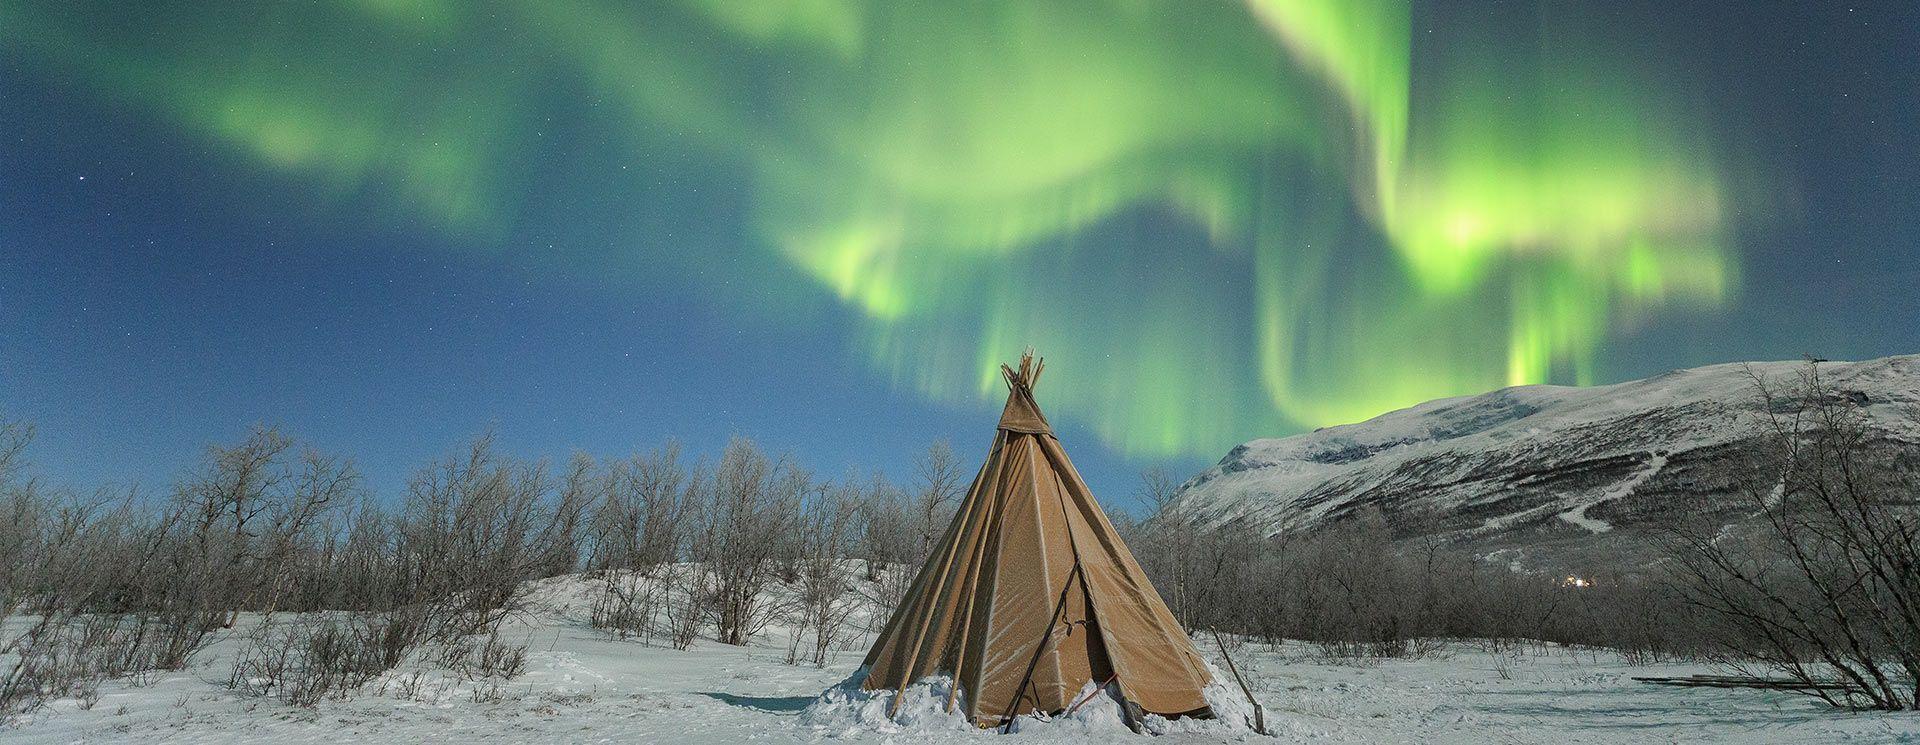 Norvége Laponie aurores boréales